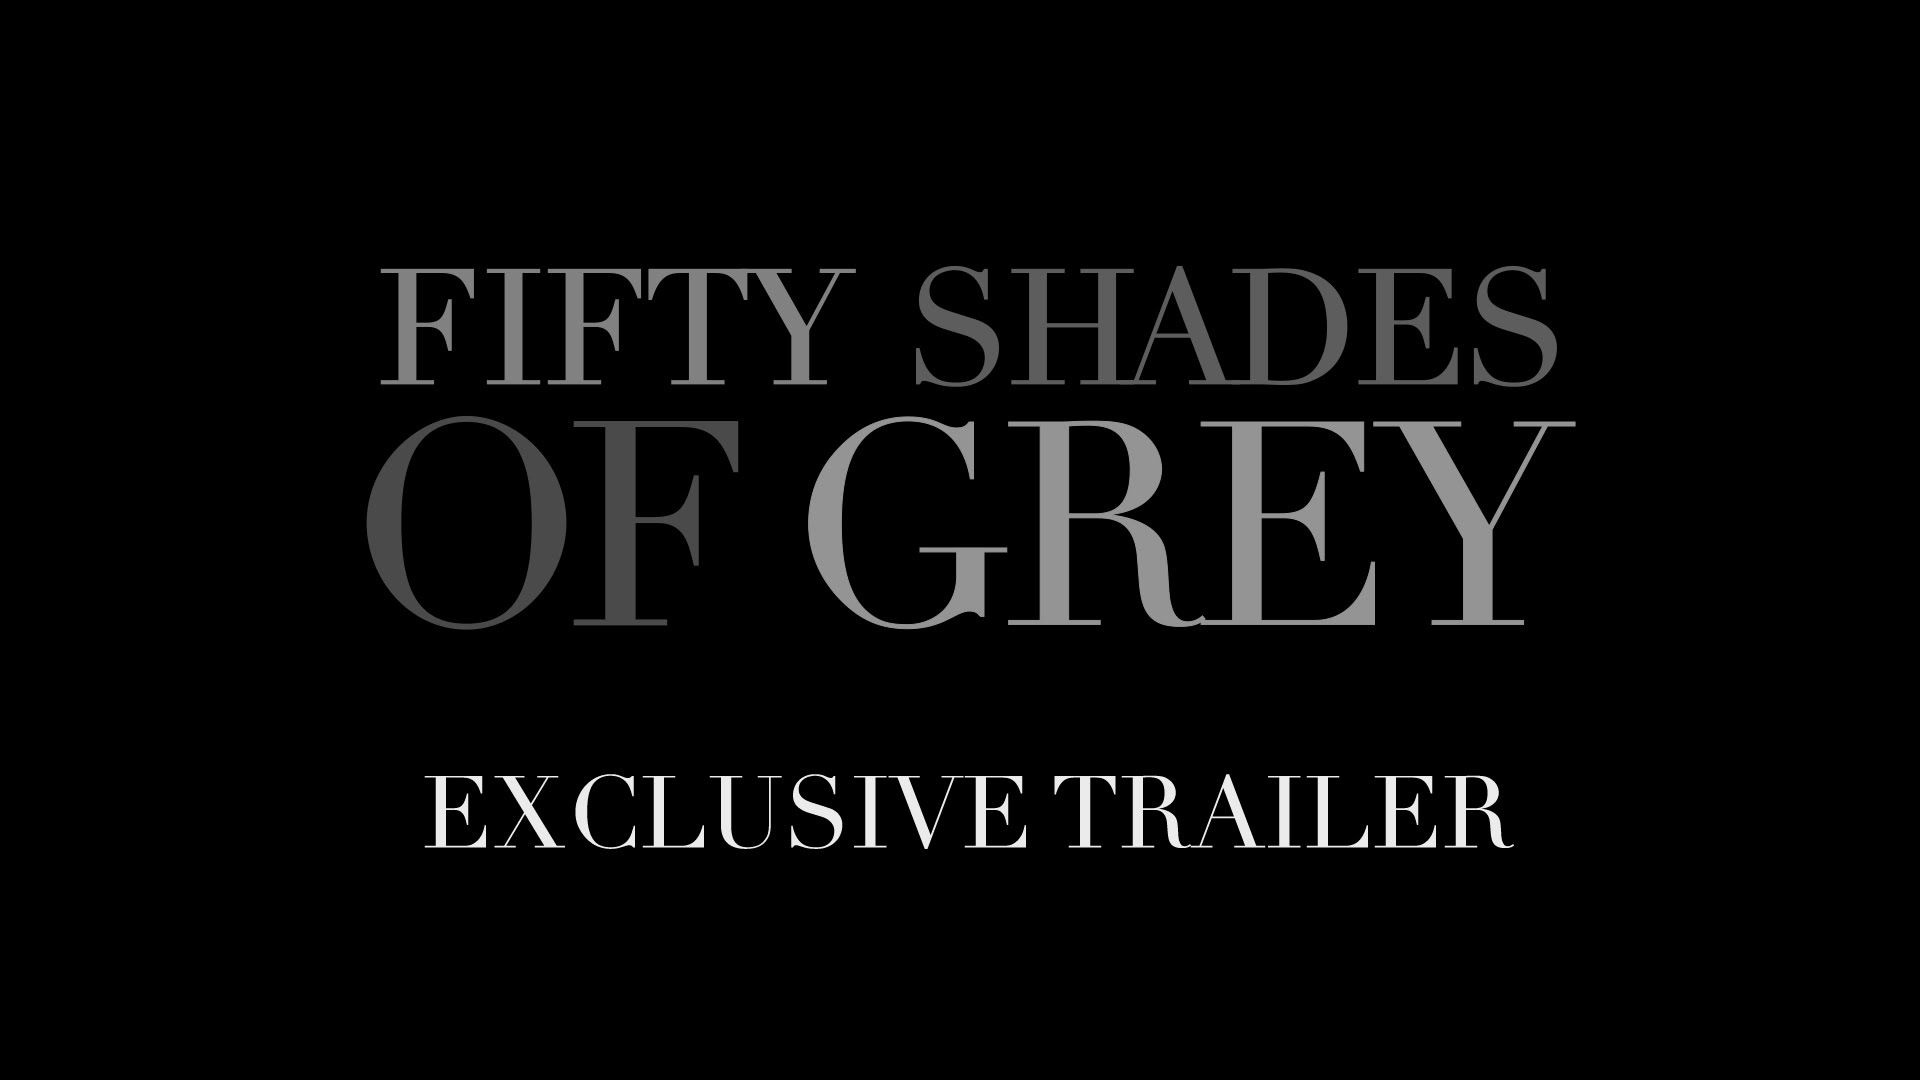 Unique 50 Gray Of Shades